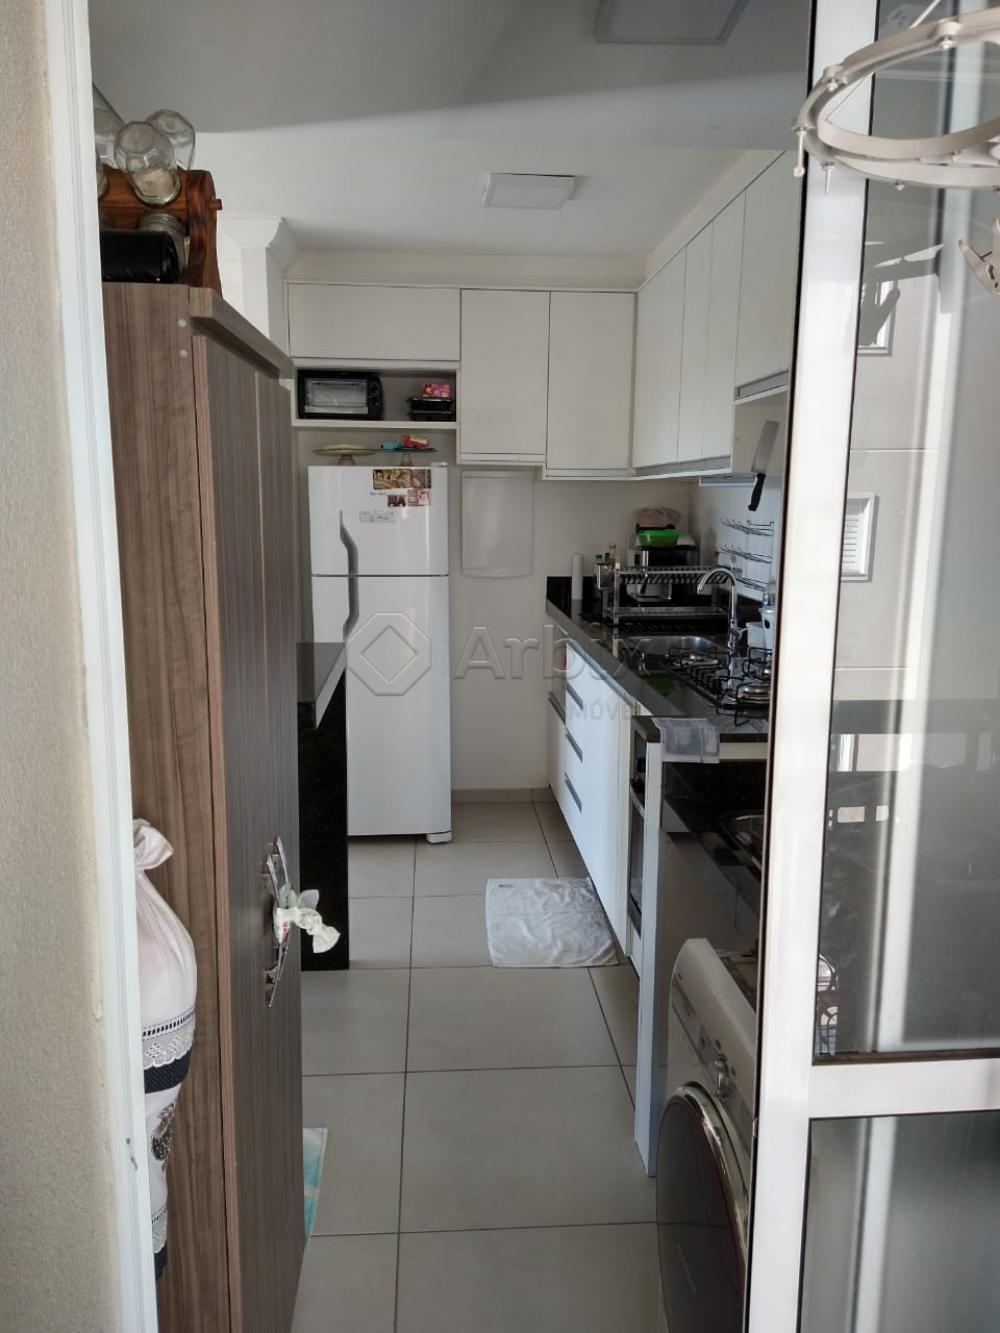 Comprar Apartamento / Padrão em Santa Bárbara D`Oeste R$ 320.000,00 - Foto 9